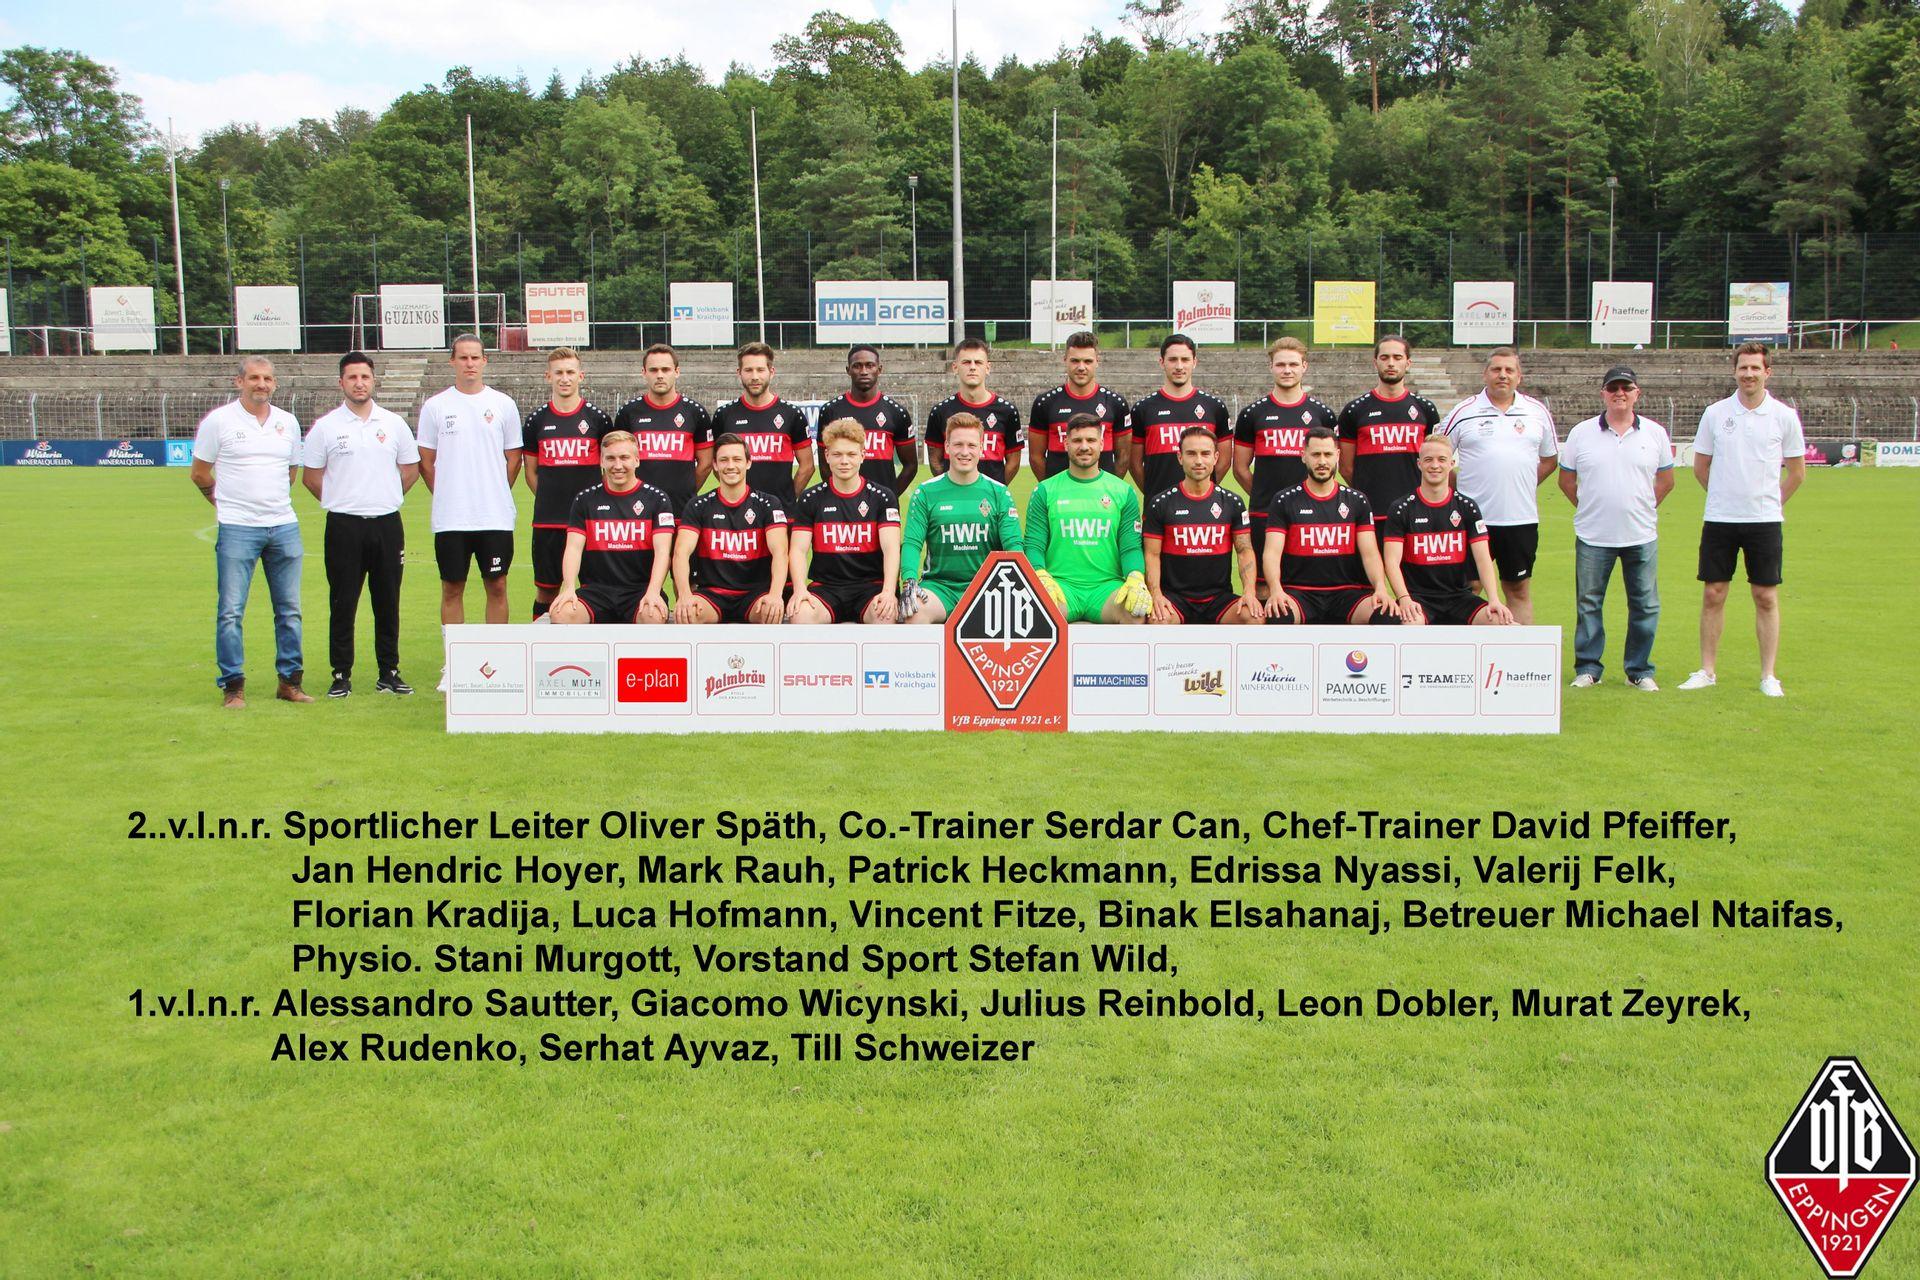 Aktivenbereich - Herren | VfB Eppingen